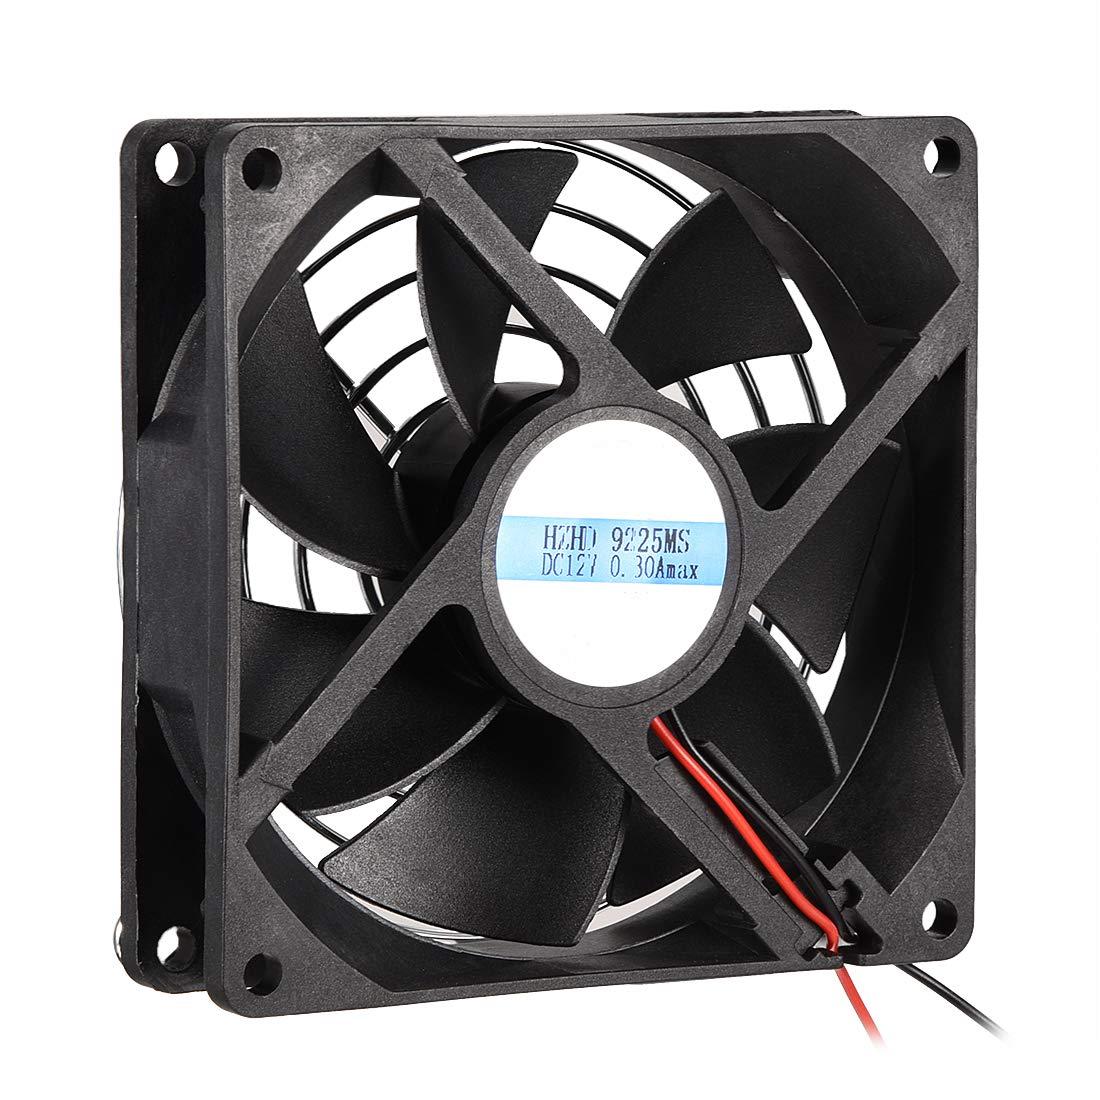 uxcell Cooling Fan 92mm x 92mm x 25mm 9225MS DC 12V 0.25A Long Life Sleeve Bearings with Metal Protector